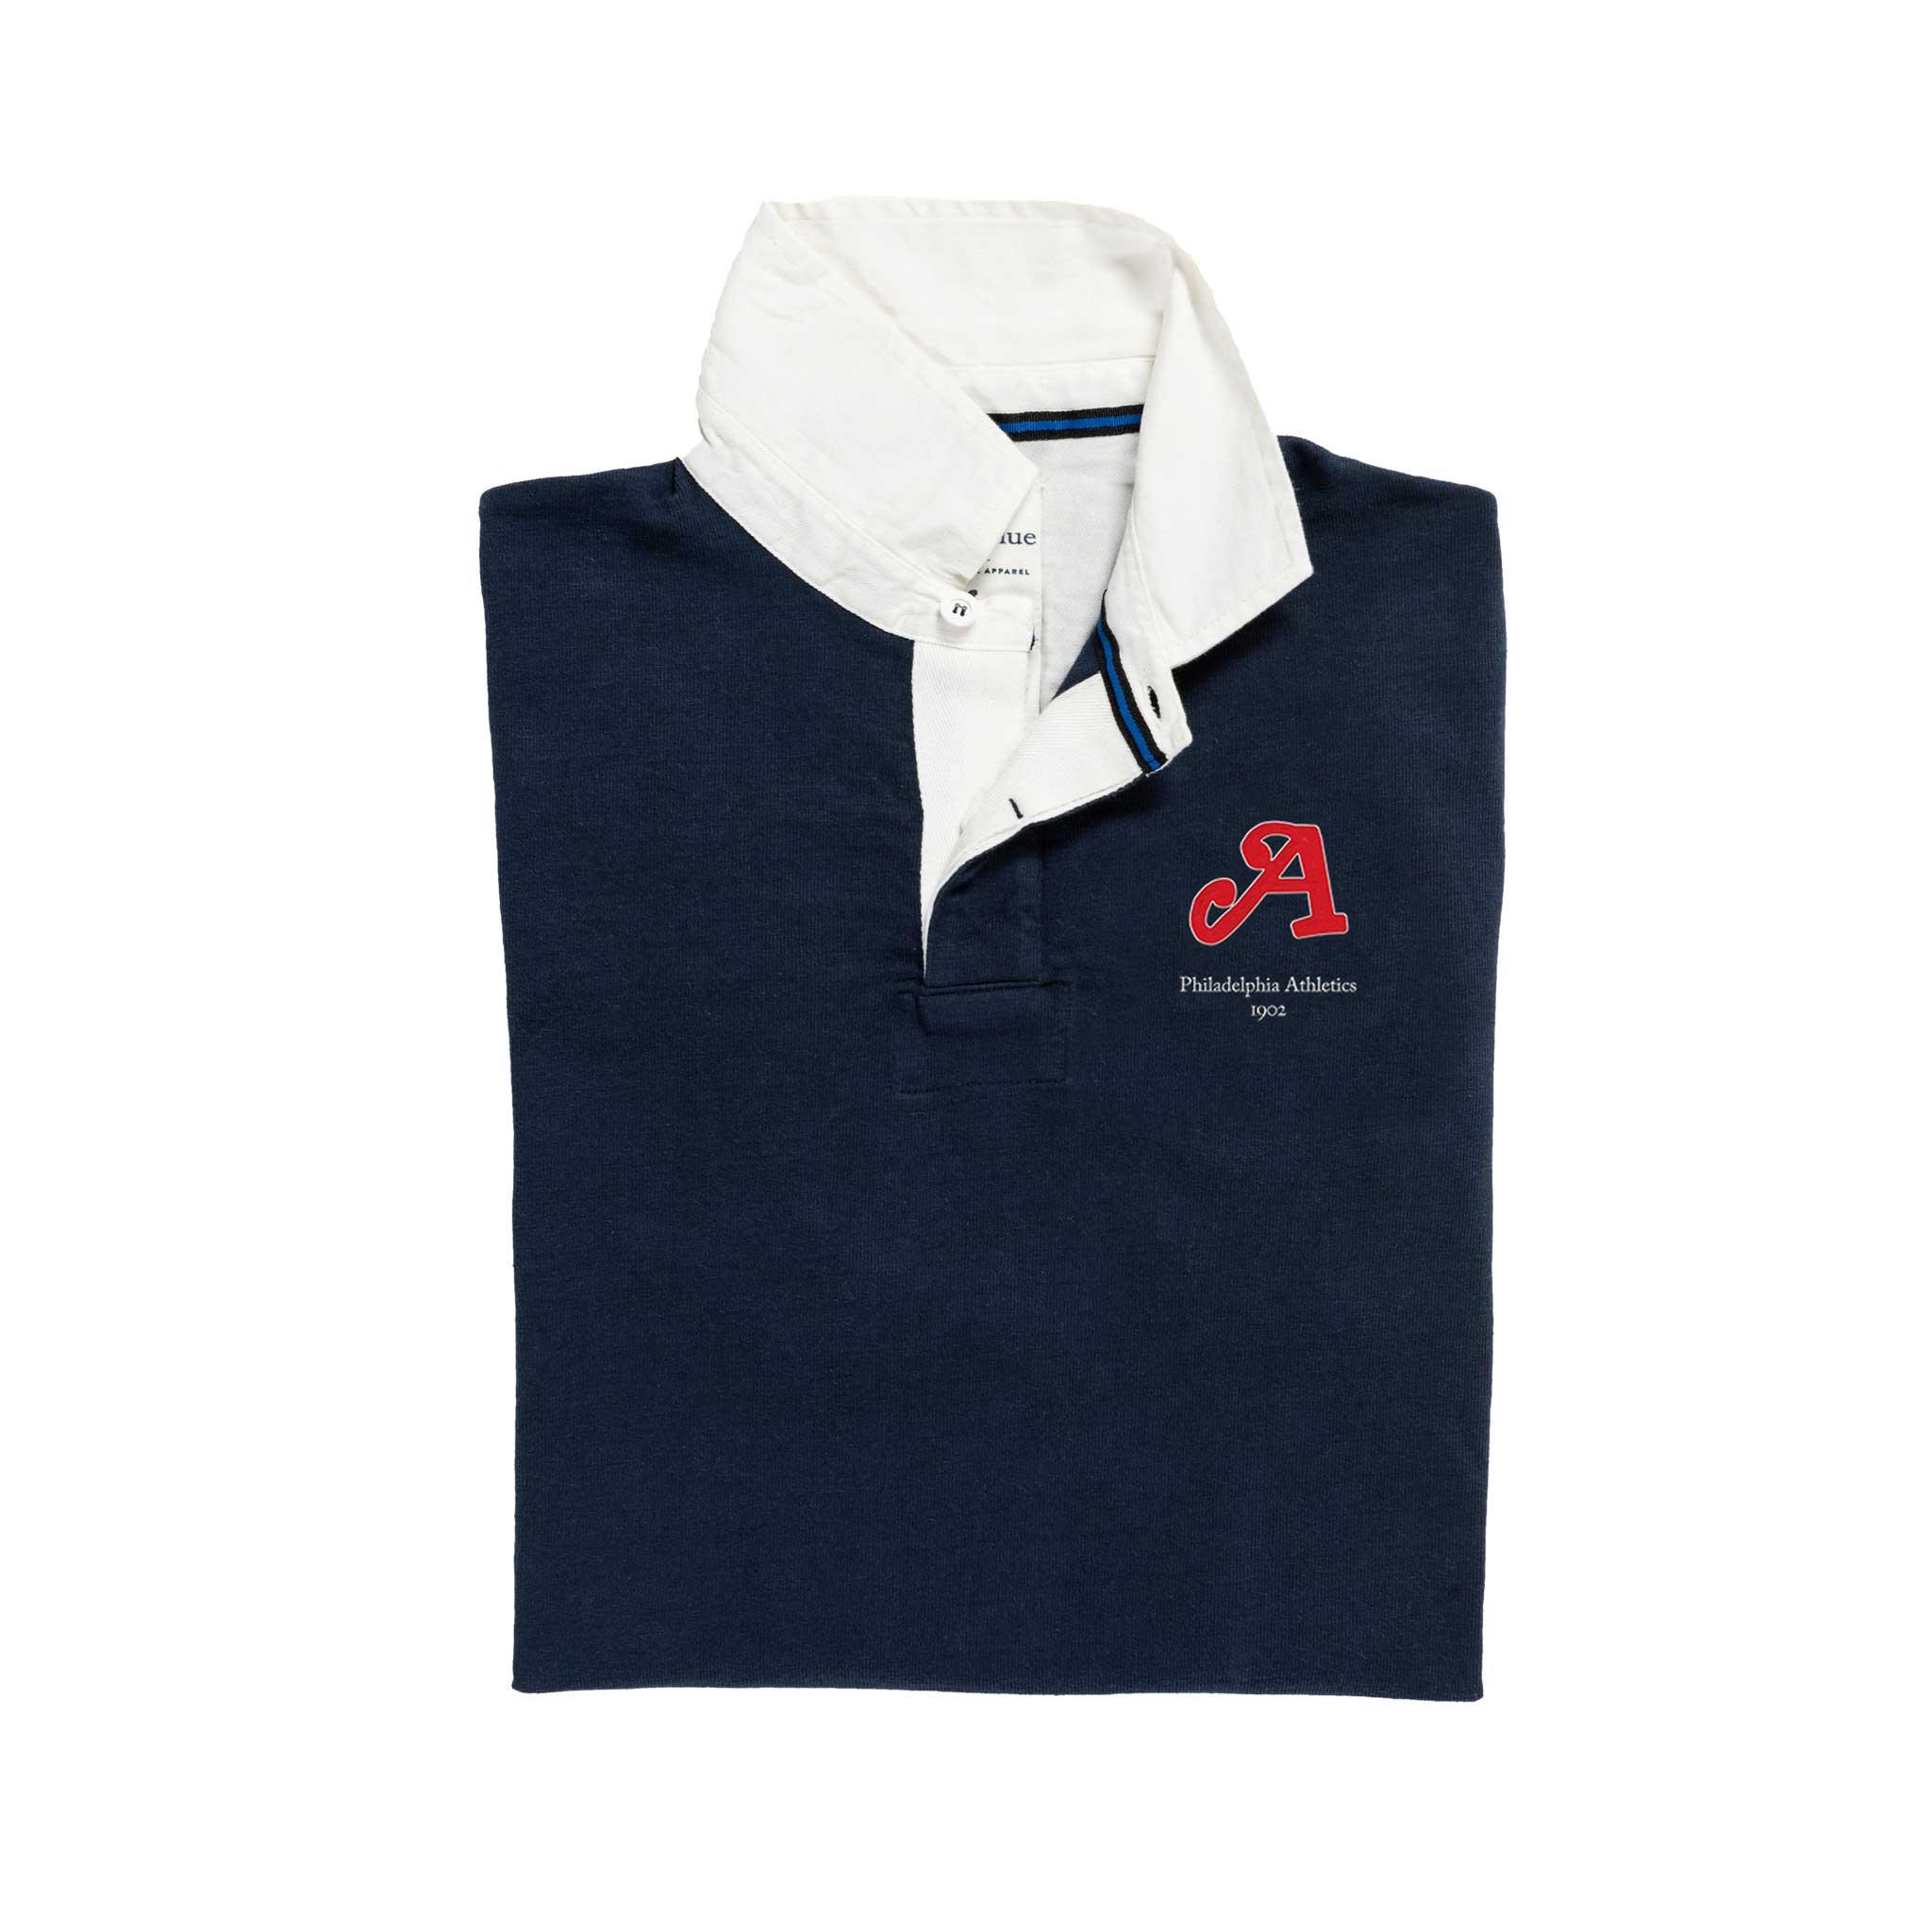 Philadelphia Athletics Rugby Shirt_Folded